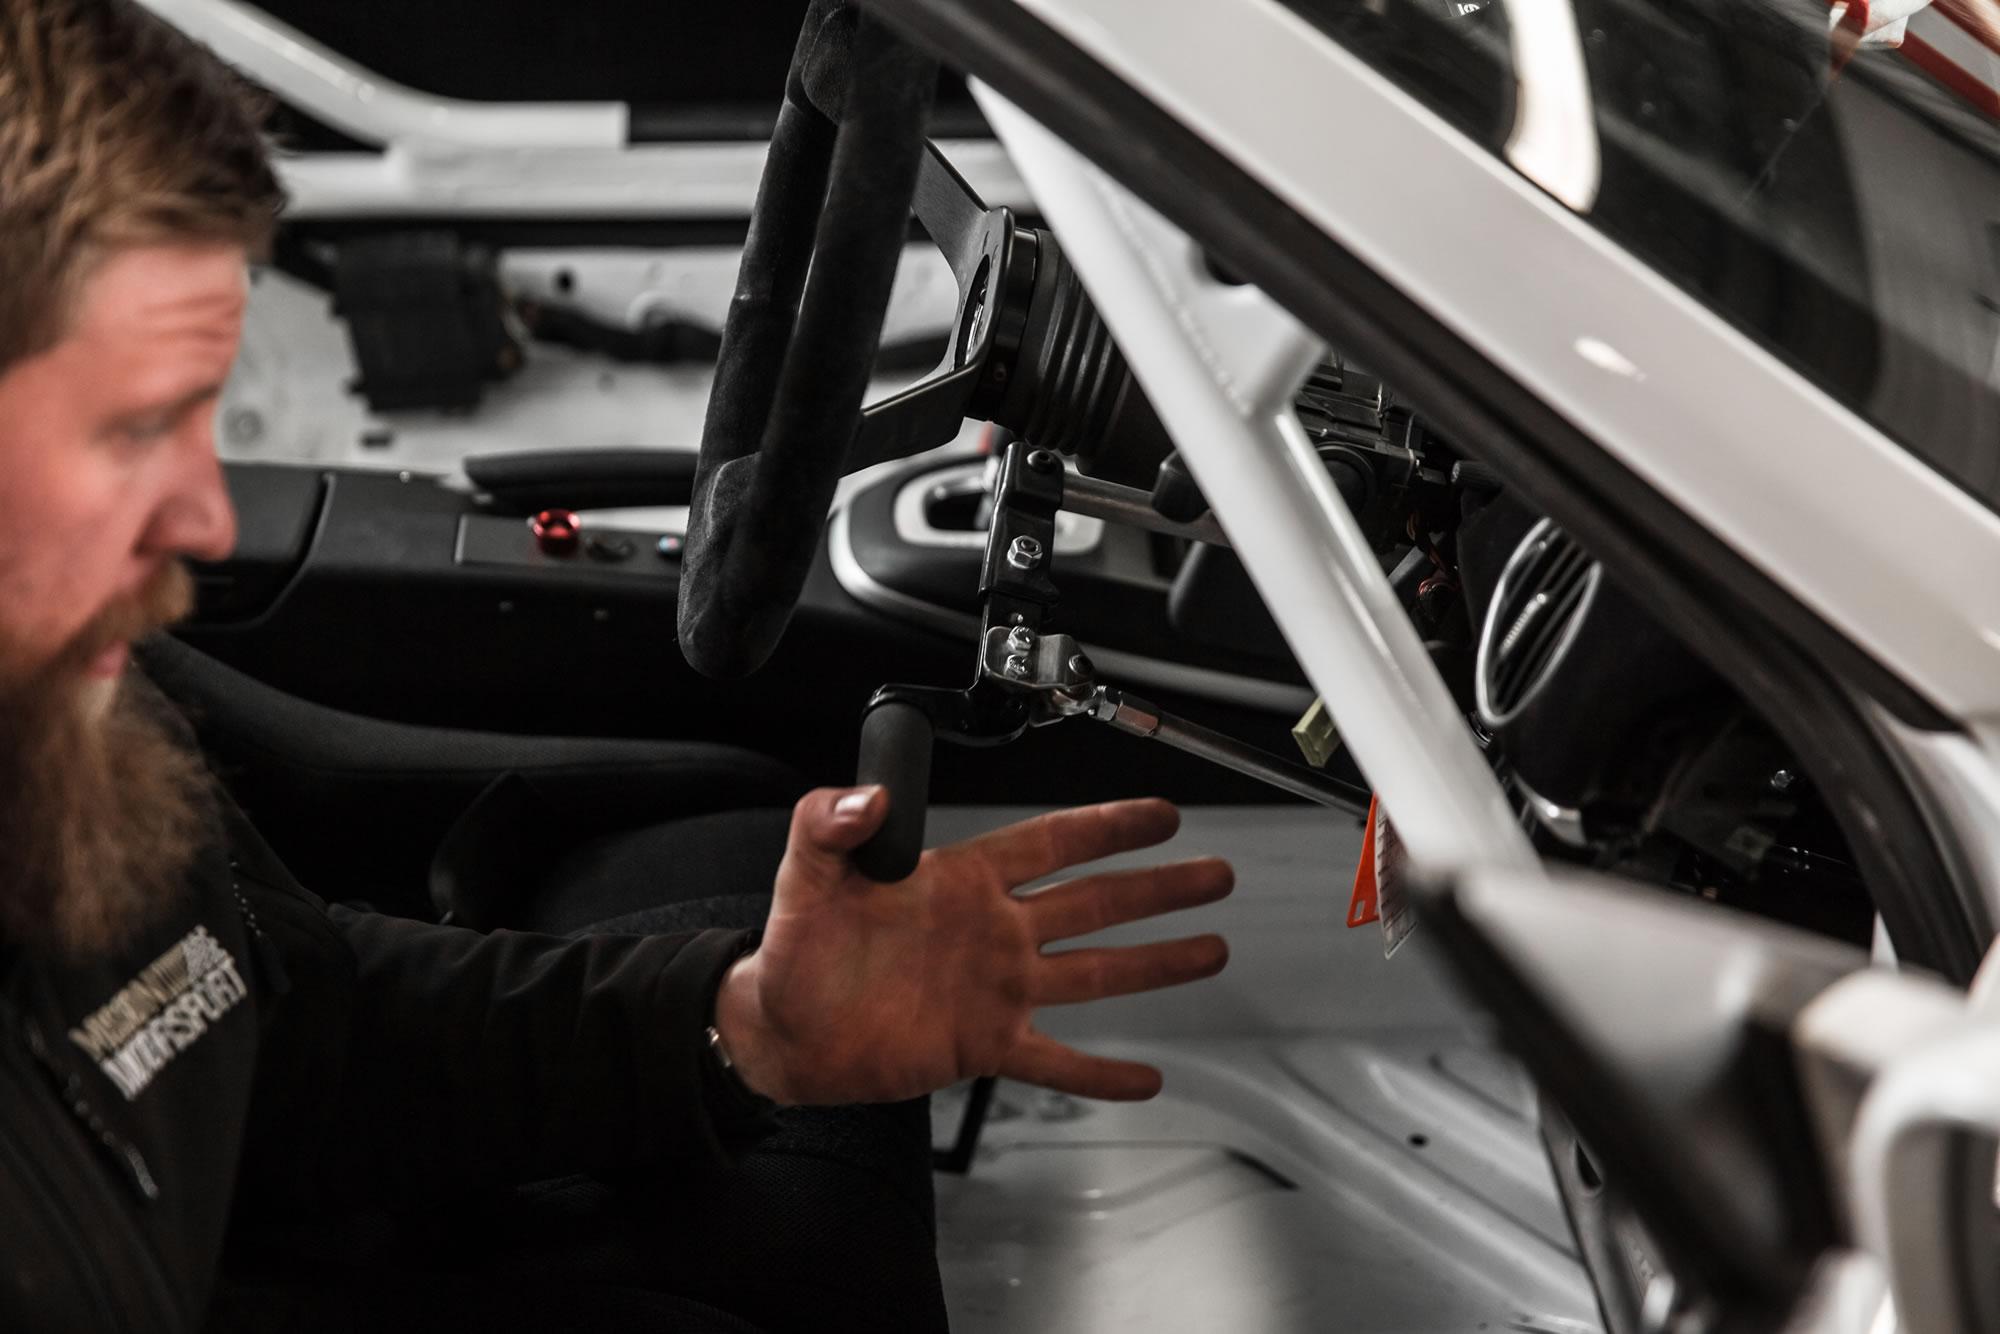 Nathalie_McGloin_Racer_FH2A3613.jpg